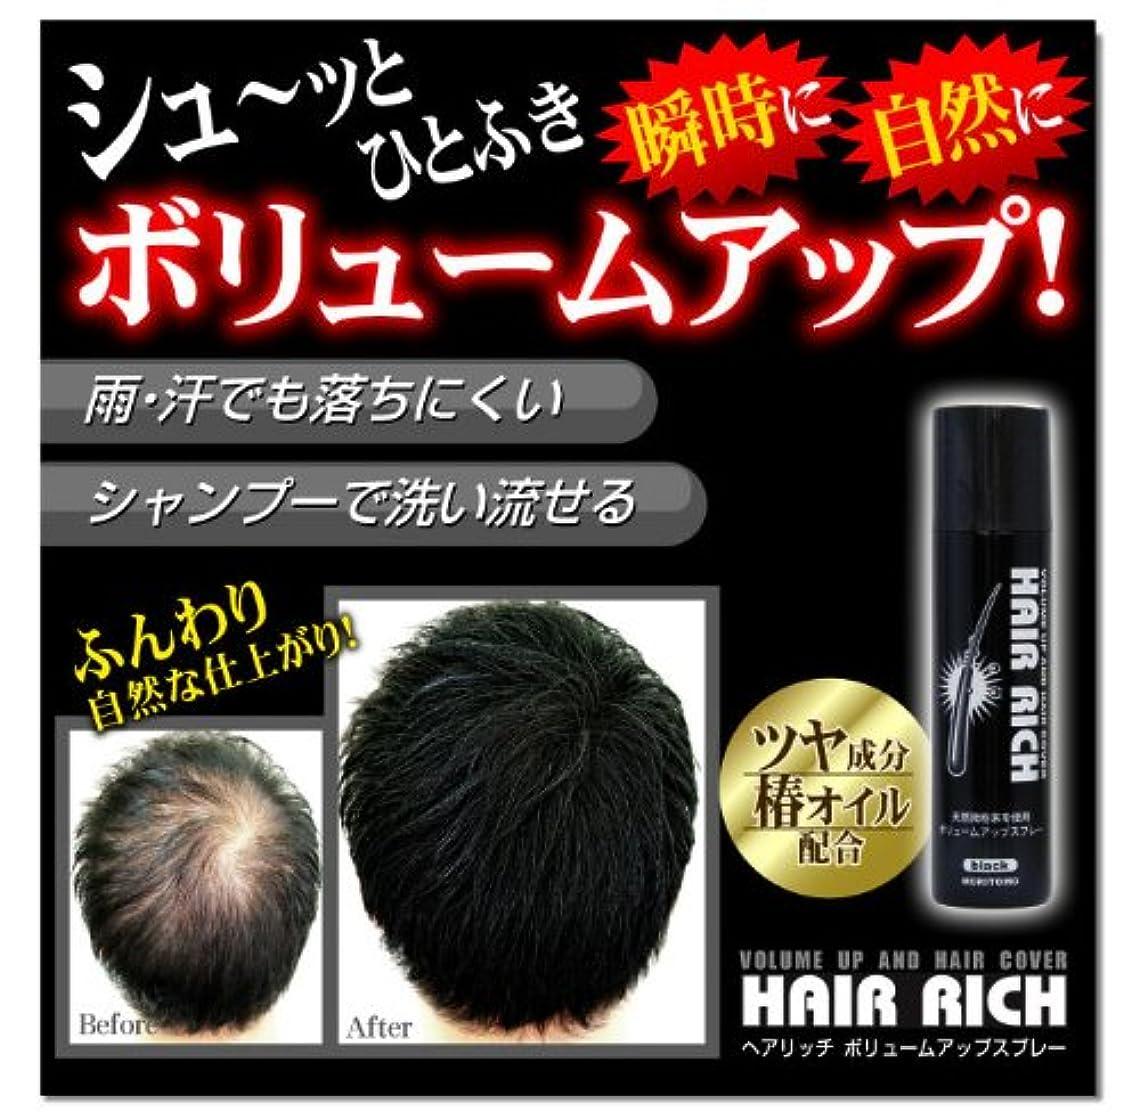 パーティションブラウスまともな【5本セット】ヘアリッチ ボリュームアップスプレー【HAIR RICH】 育毛剤 発毛剤 増毛剤 増毛 スプレー